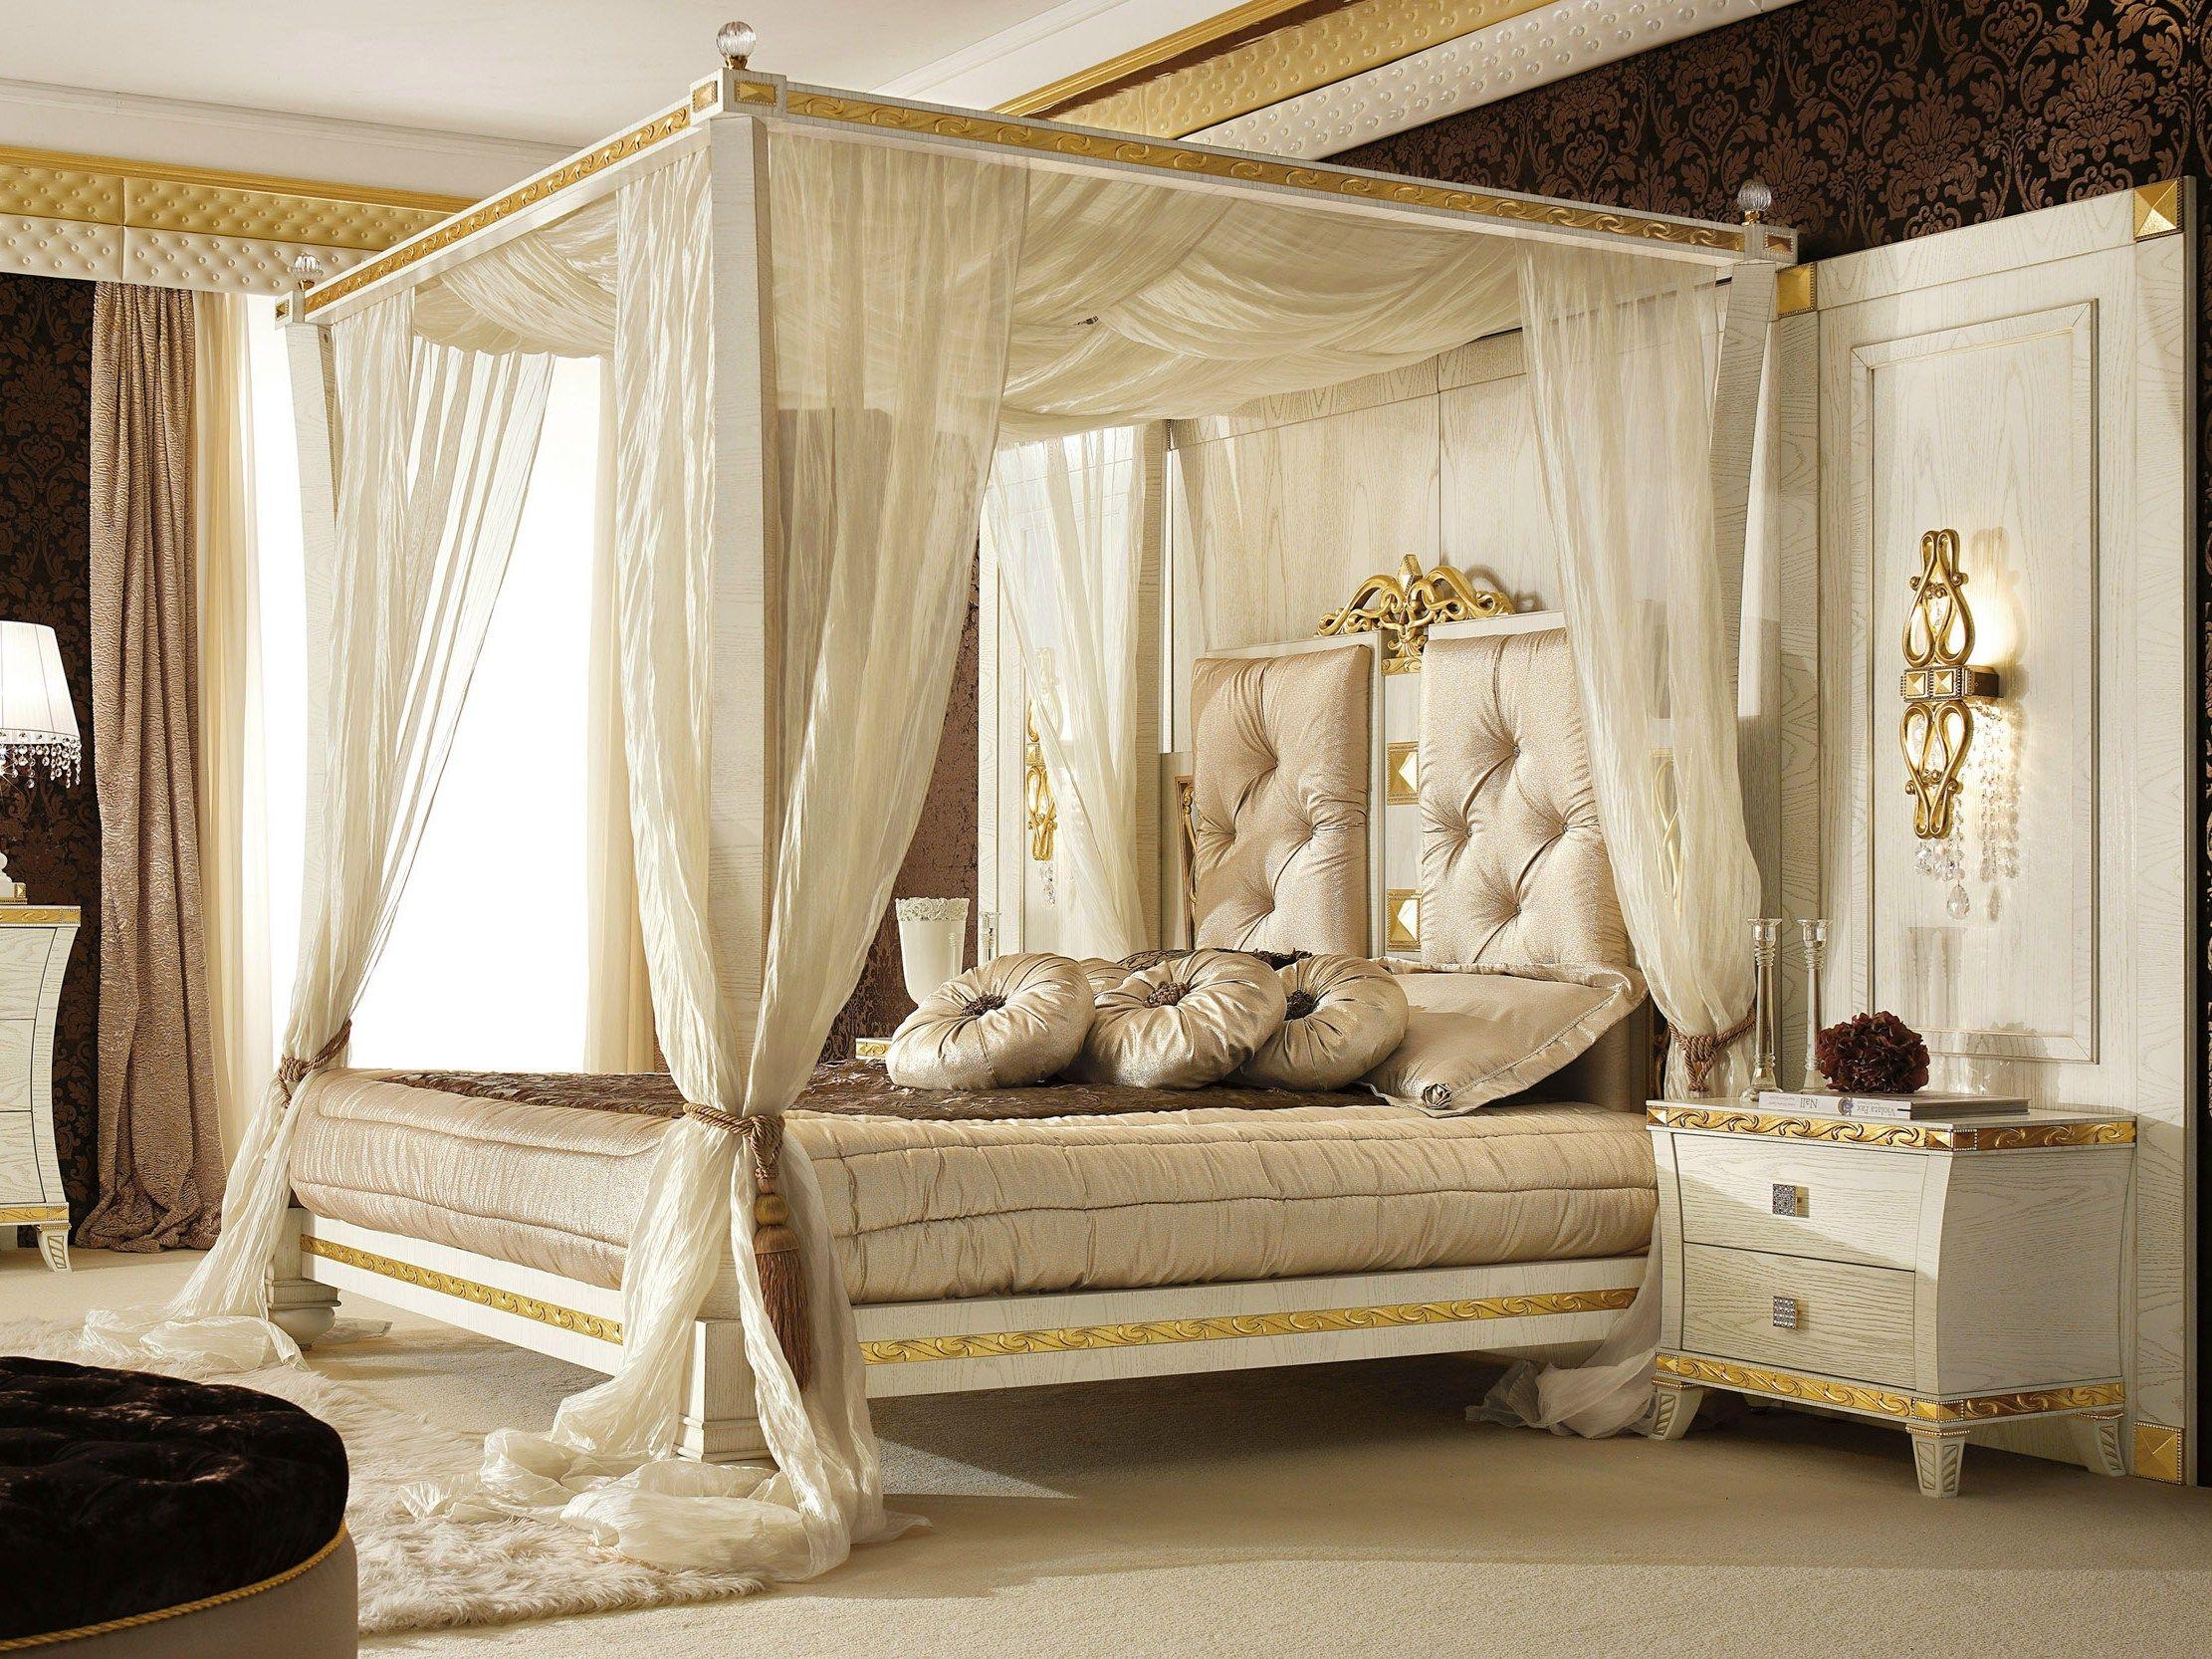 Baldachin Vorhänge, Baldachin Schlafzimmer Sets, Himmelbetten,  Anspruchsvolle Schlafzimmer, Himmelbetten, Schlafzimmerstile,  Schlafzimmerdesign, ...